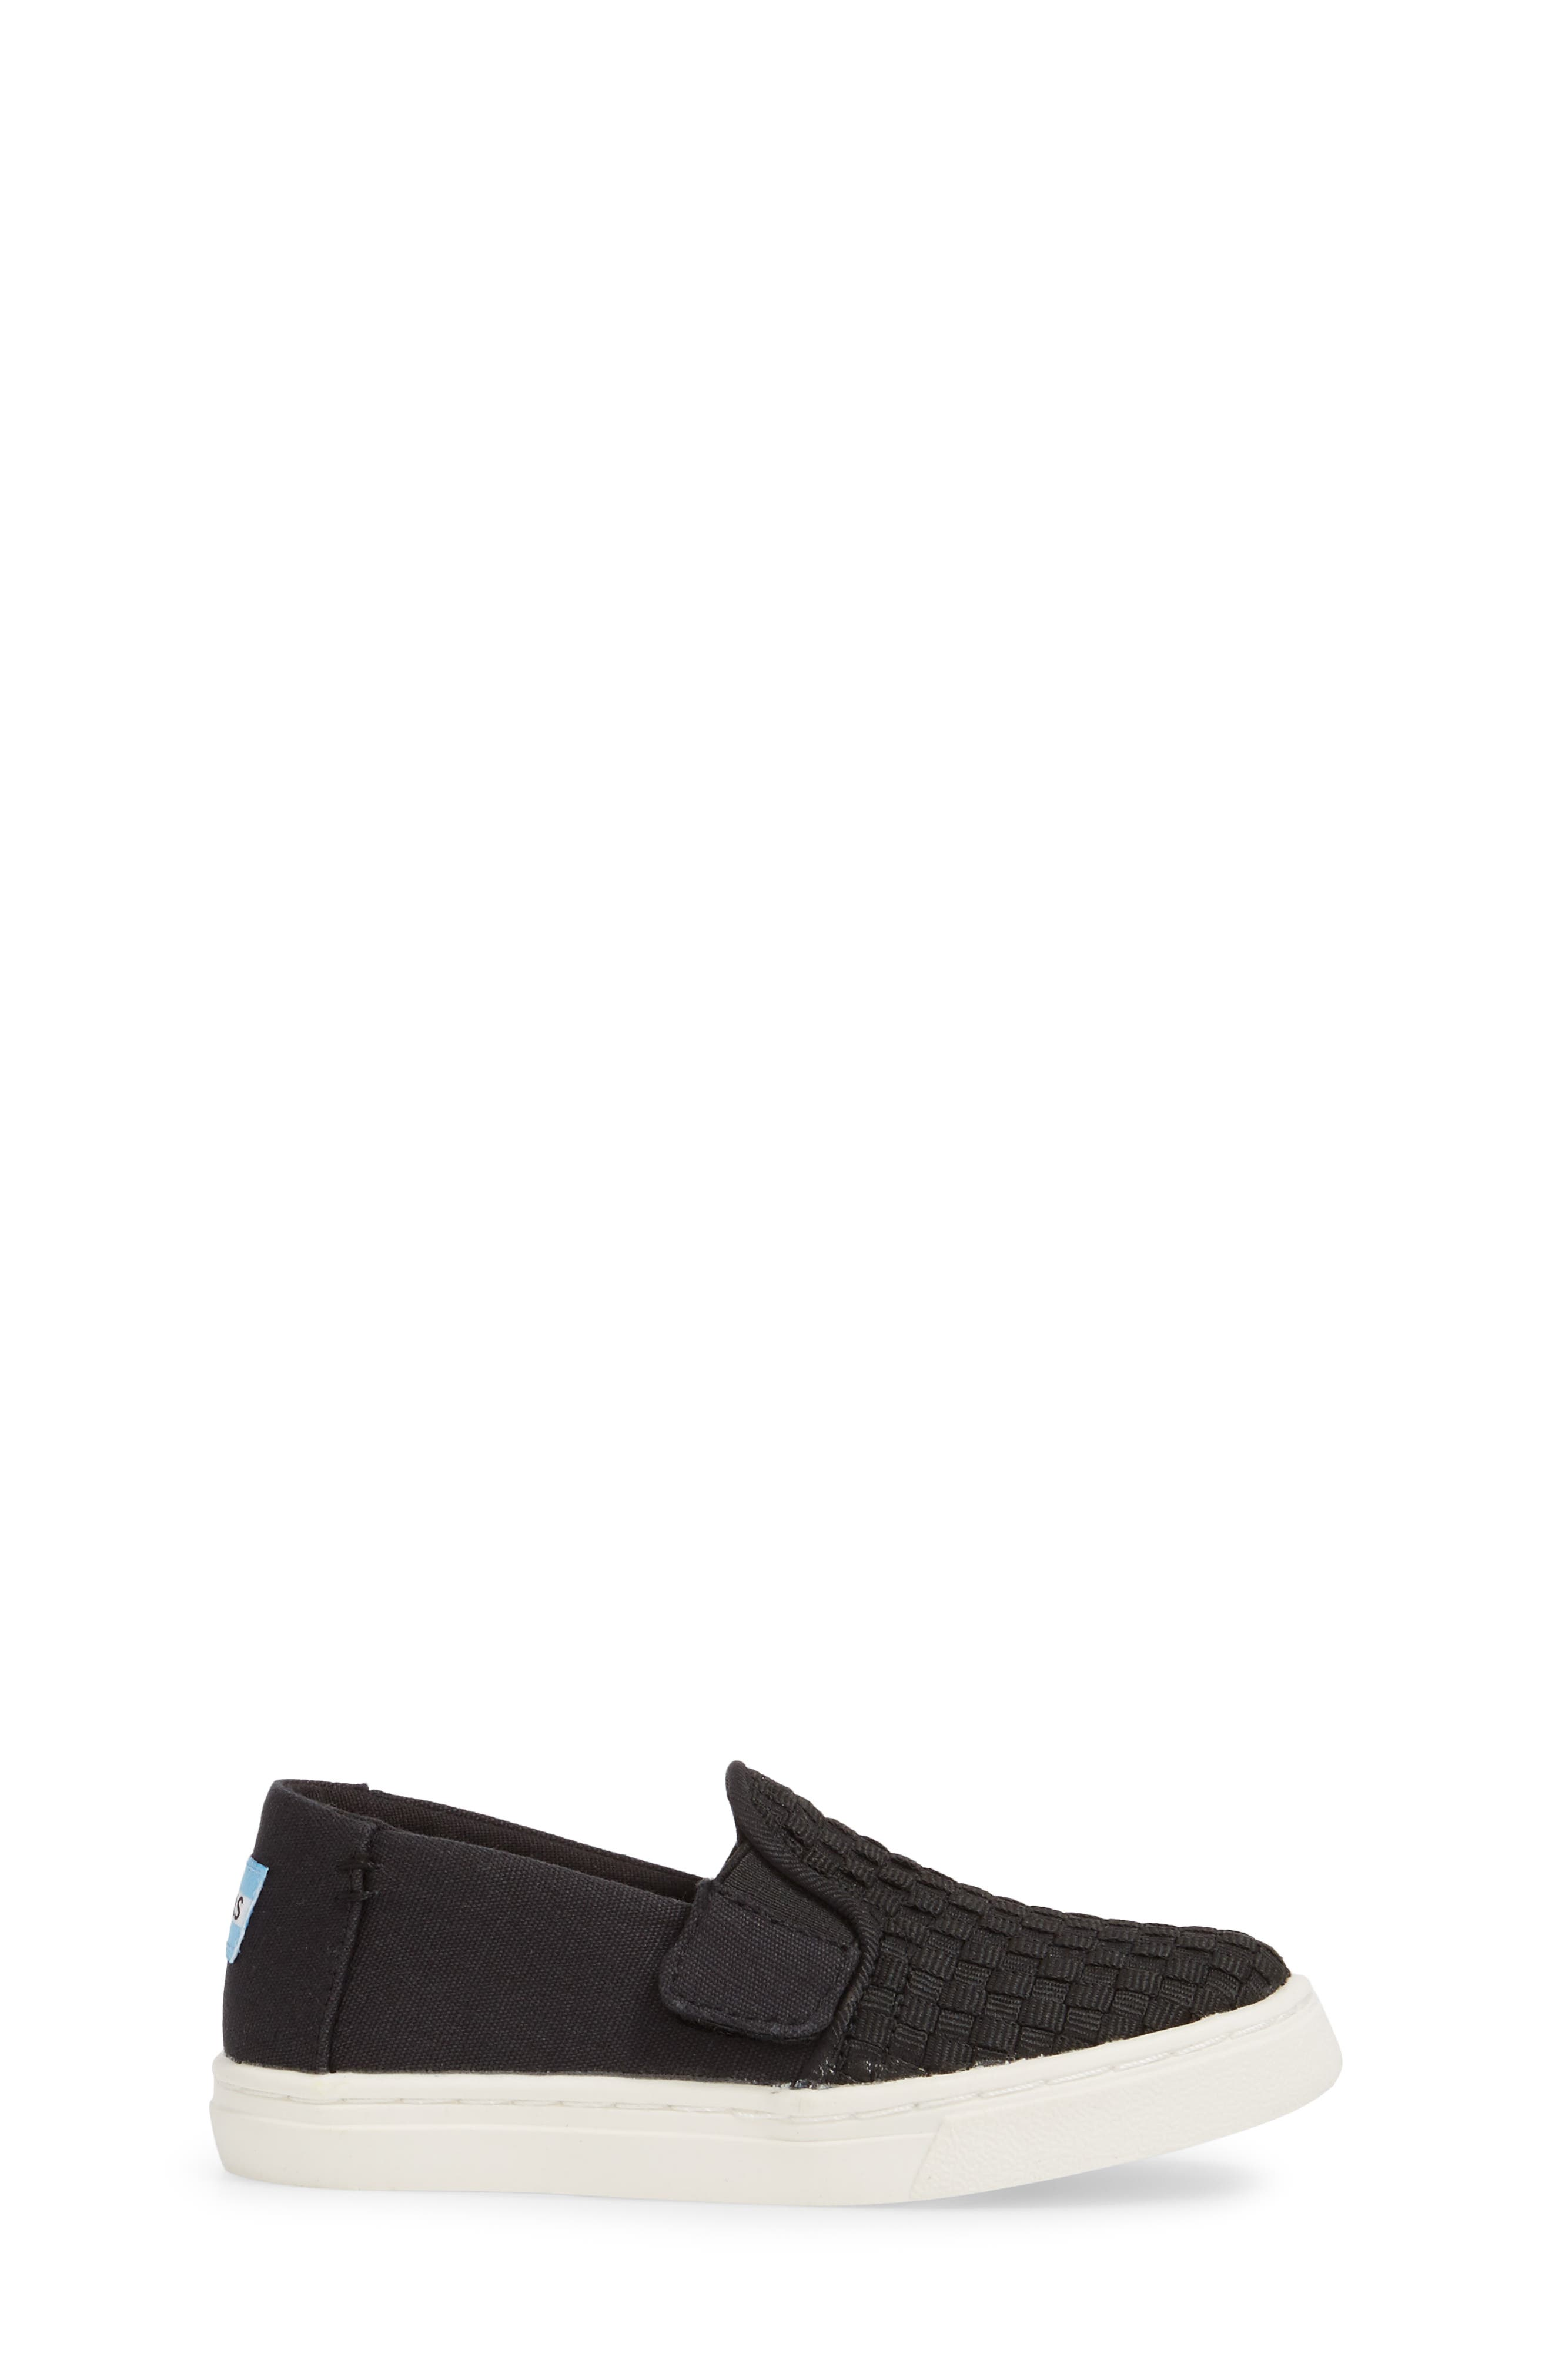 Luca Slip-On Sneaker,                             Alternate thumbnail 3, color,                             001